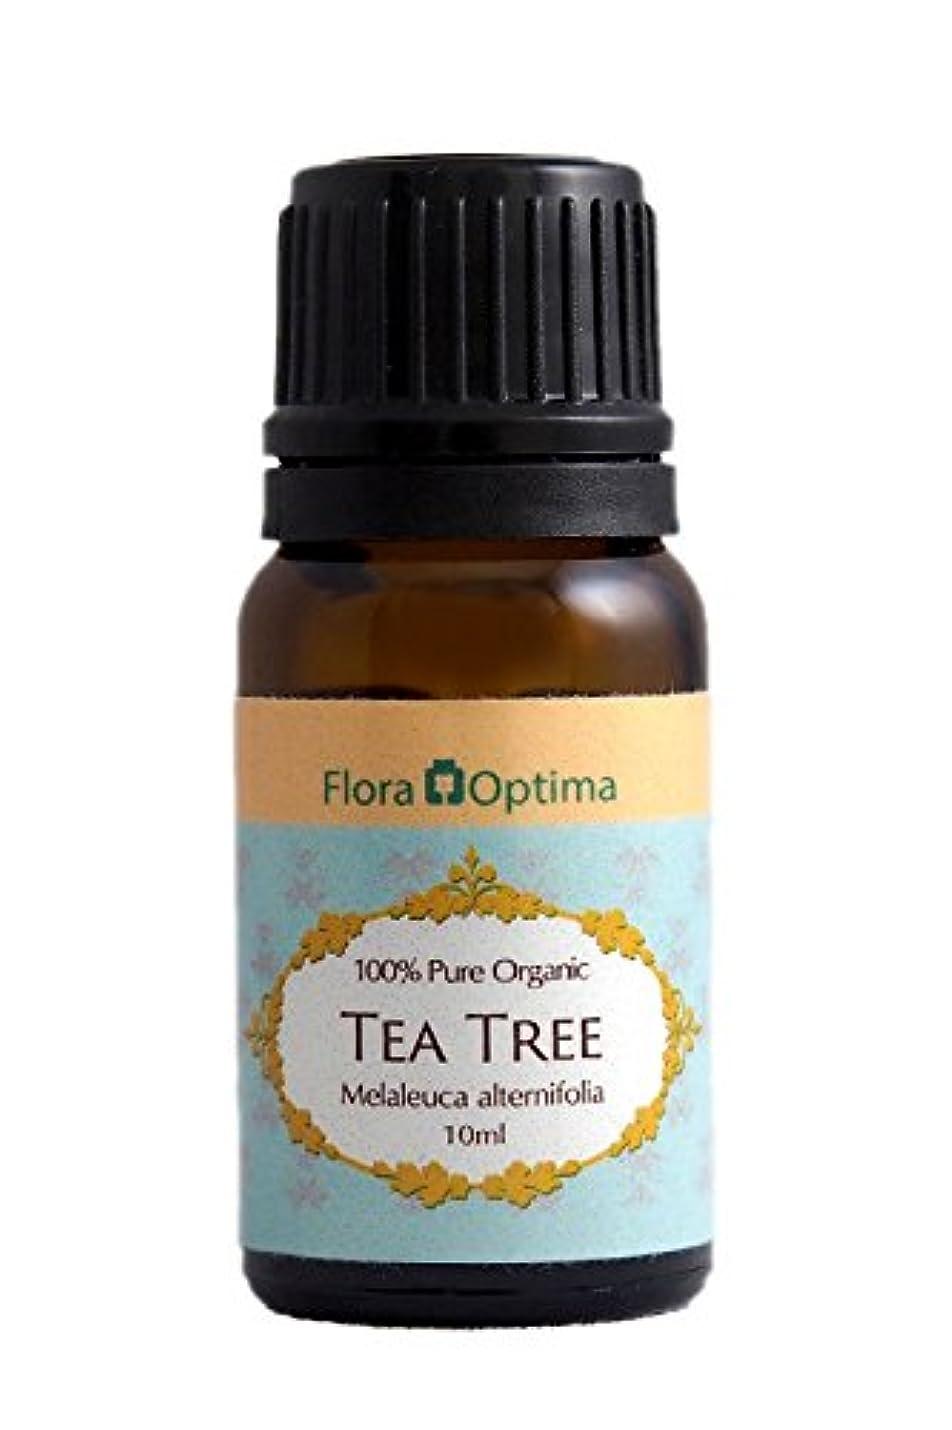 降臨役に立つシャープオーガニック?ティーツリーオイル(Tea Tree Oil) - 10ml - … …